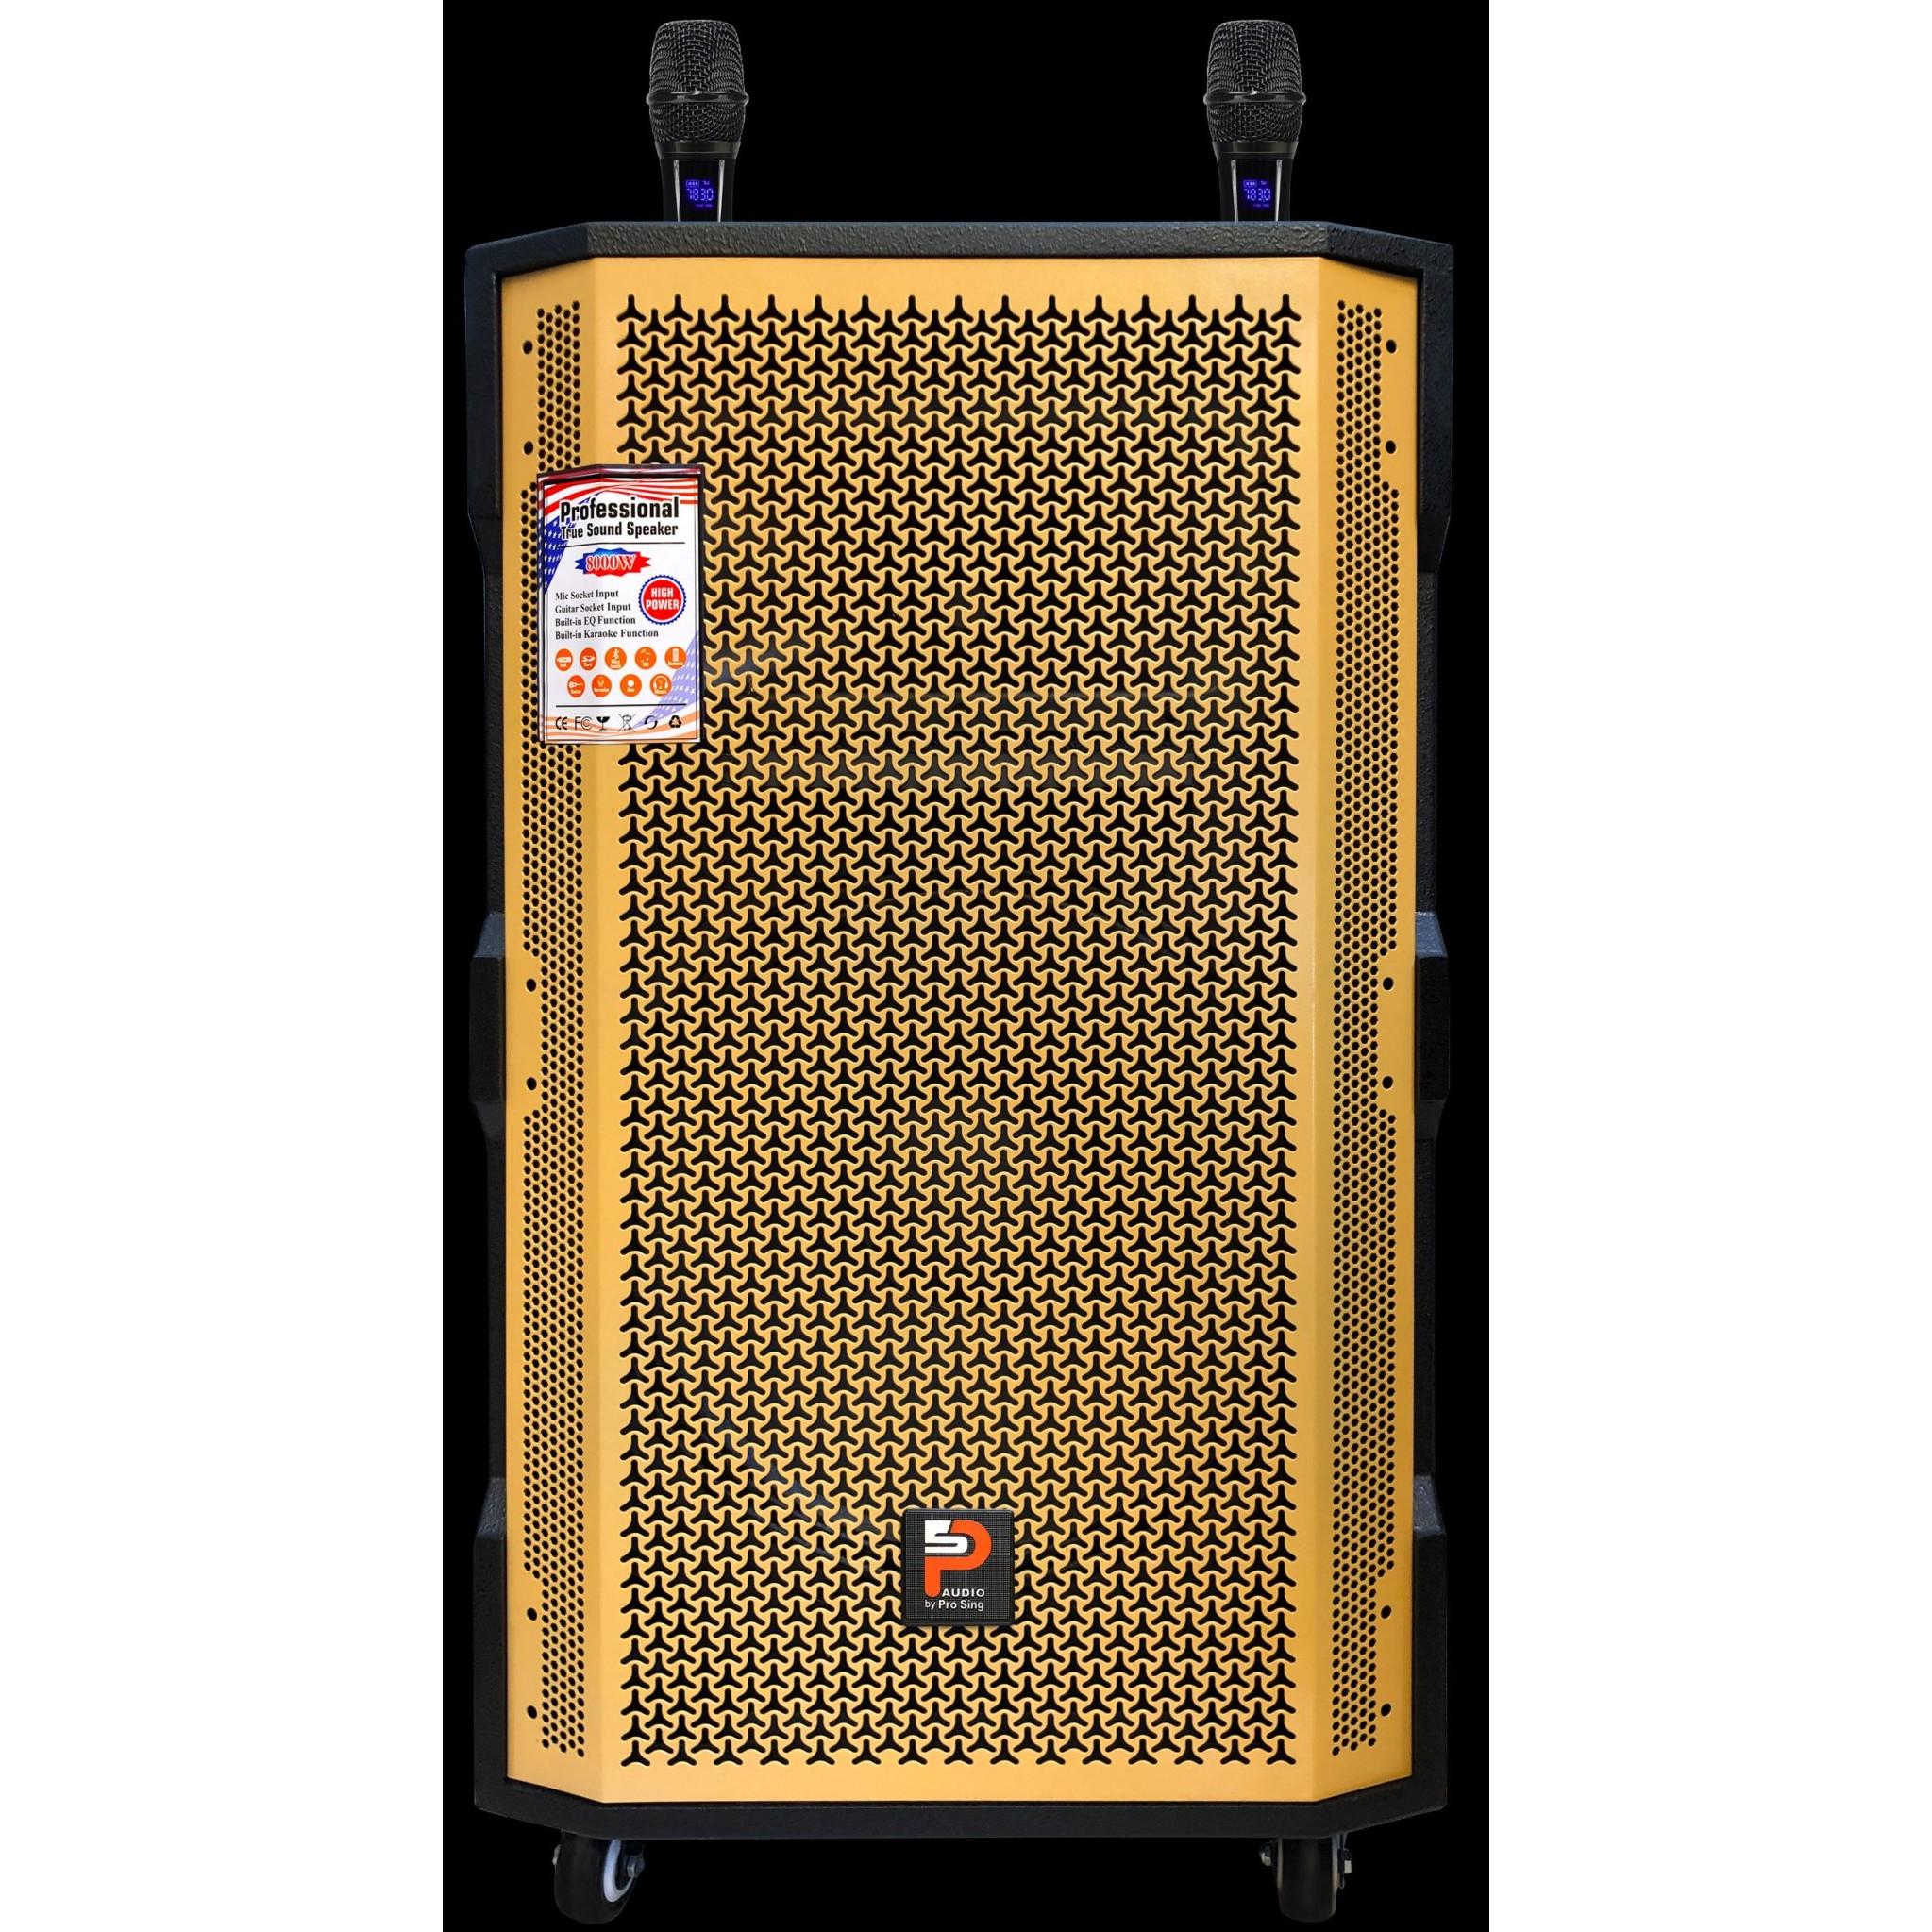 Loa Karaoke di động Bluetooth Prosing W-15 Super Vàng-Đen tặng kèm 2Mic hợp kim - Hàng chính hãng